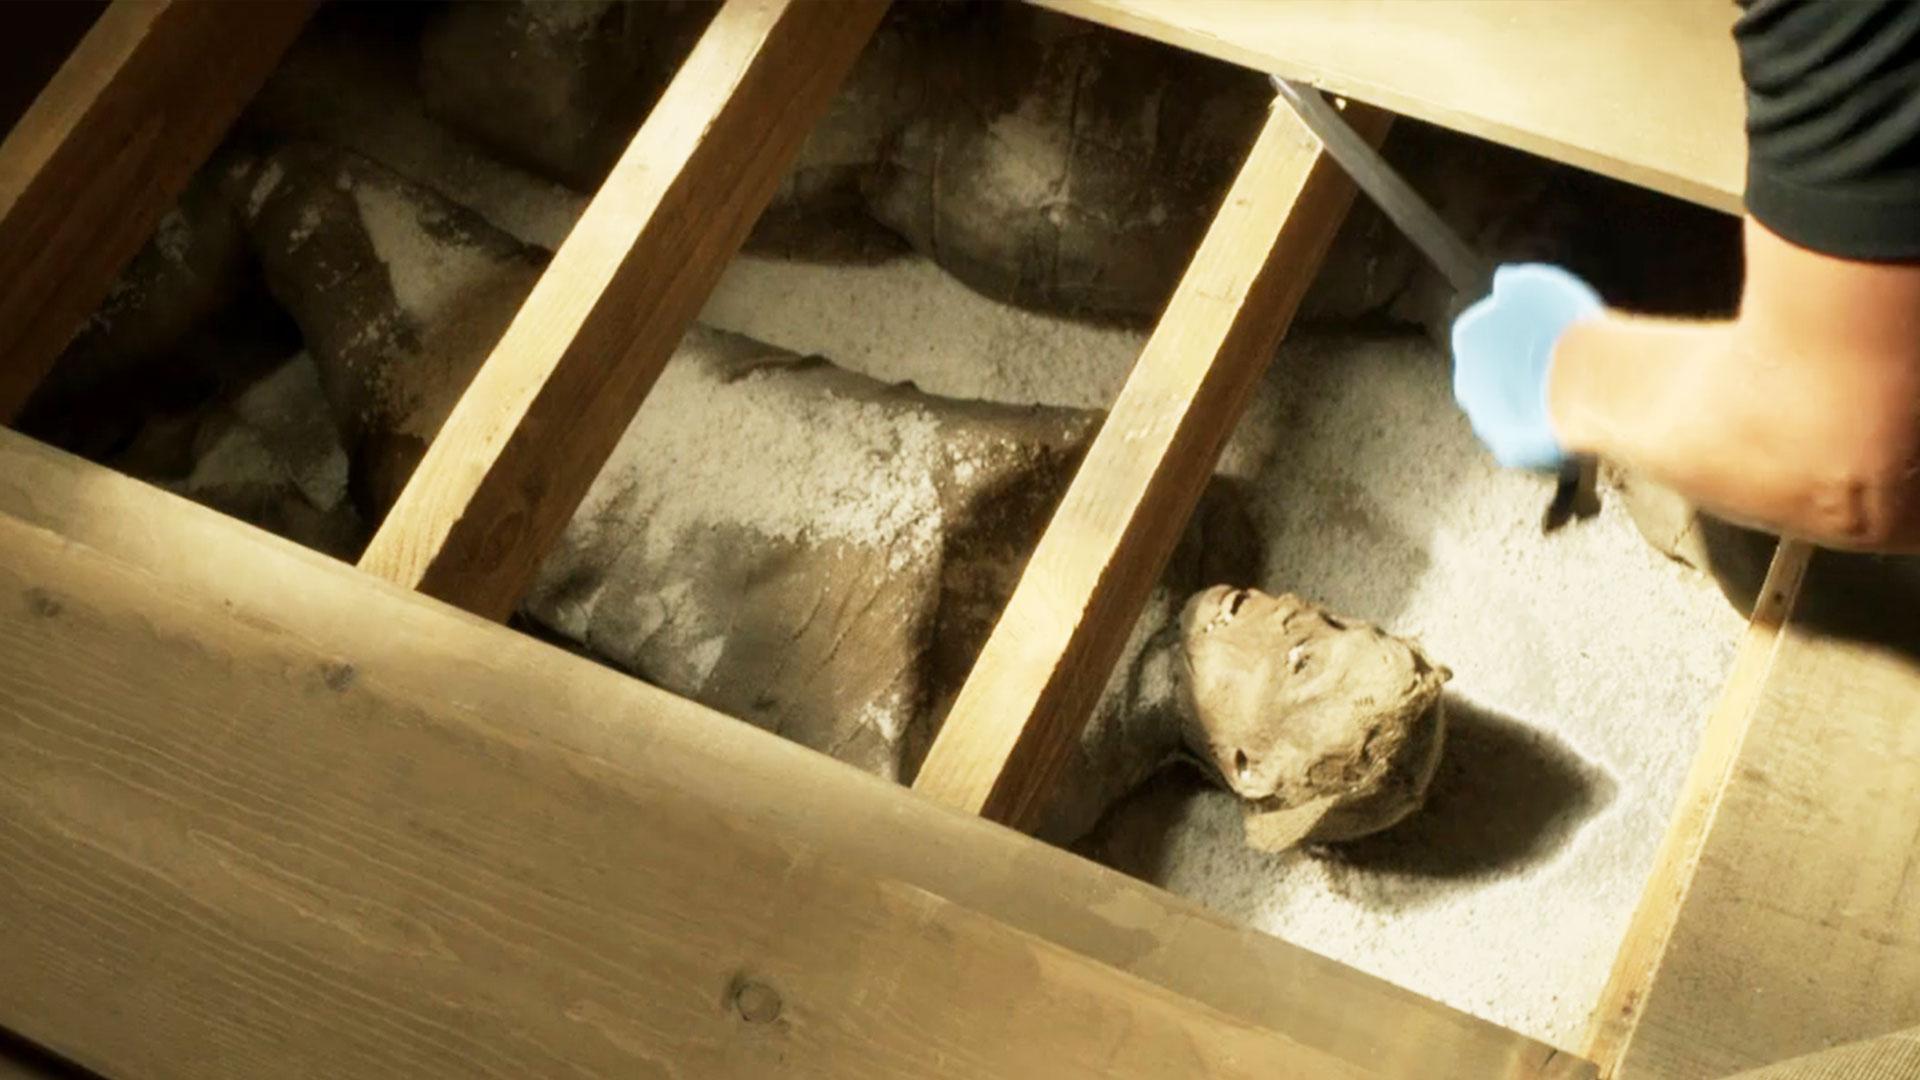 干尸奇案:夫妻购廉价新房,却发现屋内藏有10多具干尸,手法奇特